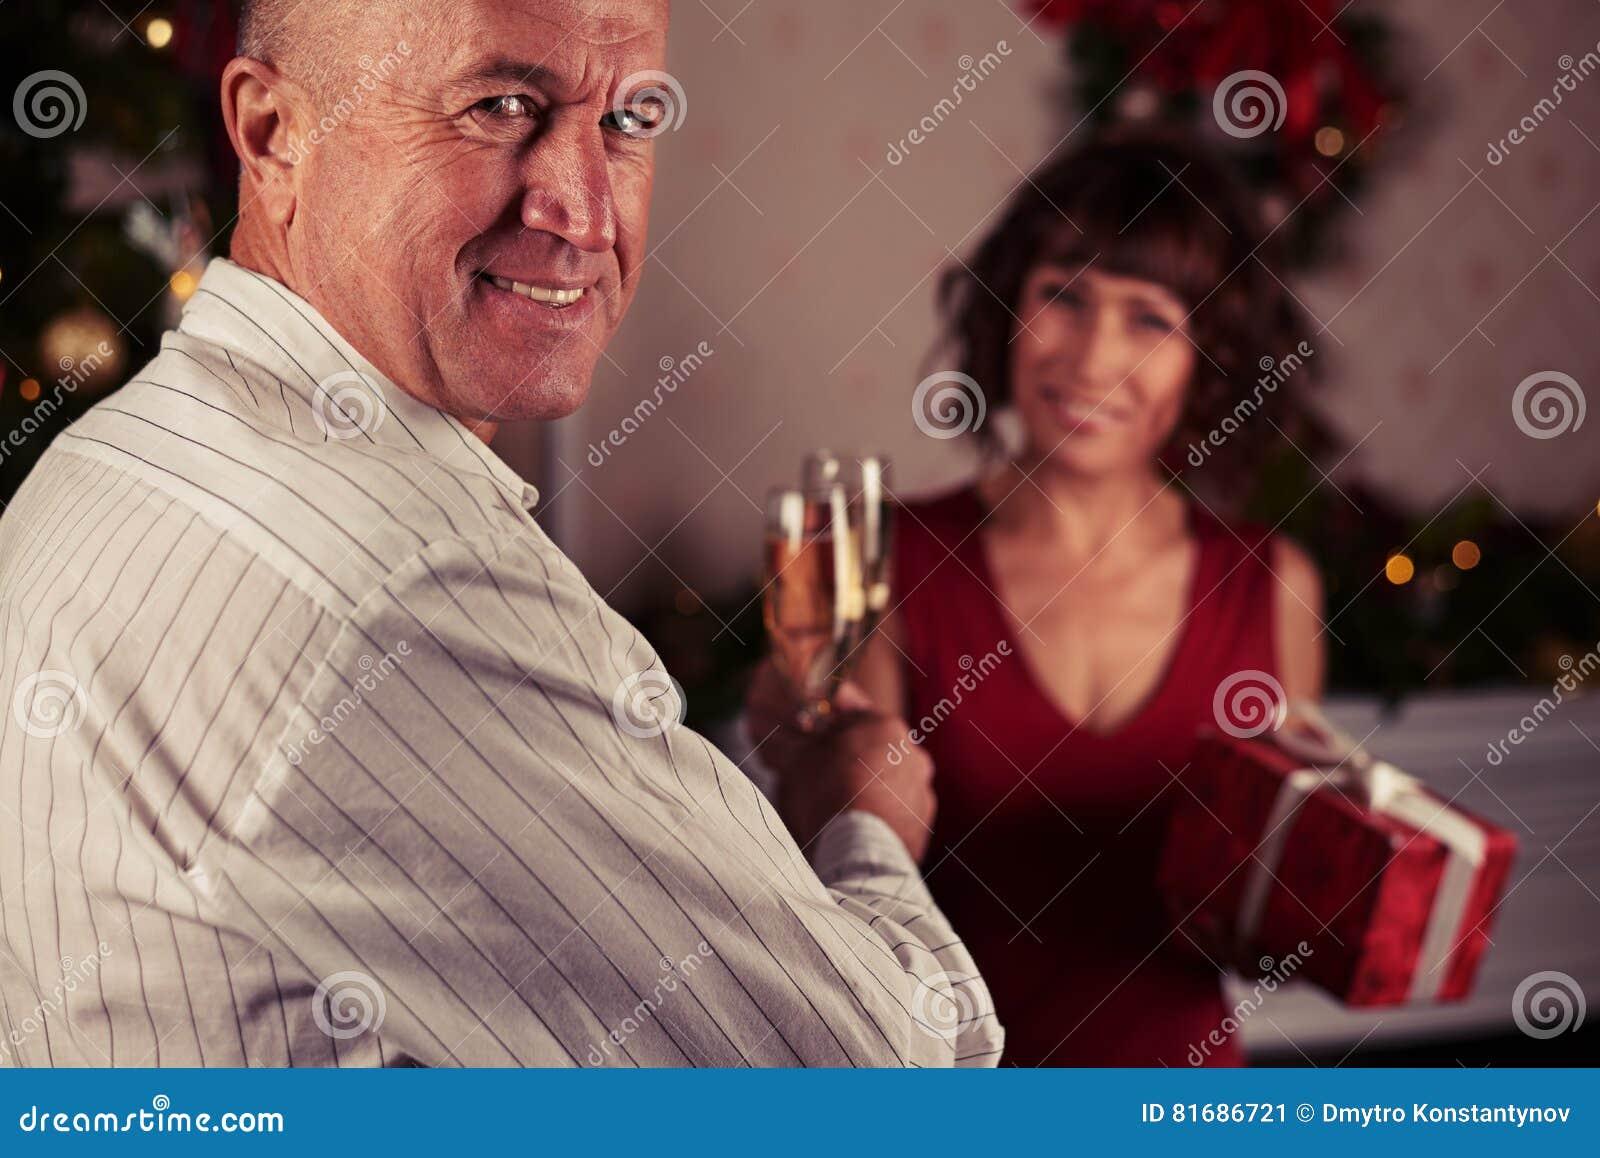 Zakończenie portret uśmiechnięty atrakcyjny starszego mężczyzna kręcenia hea